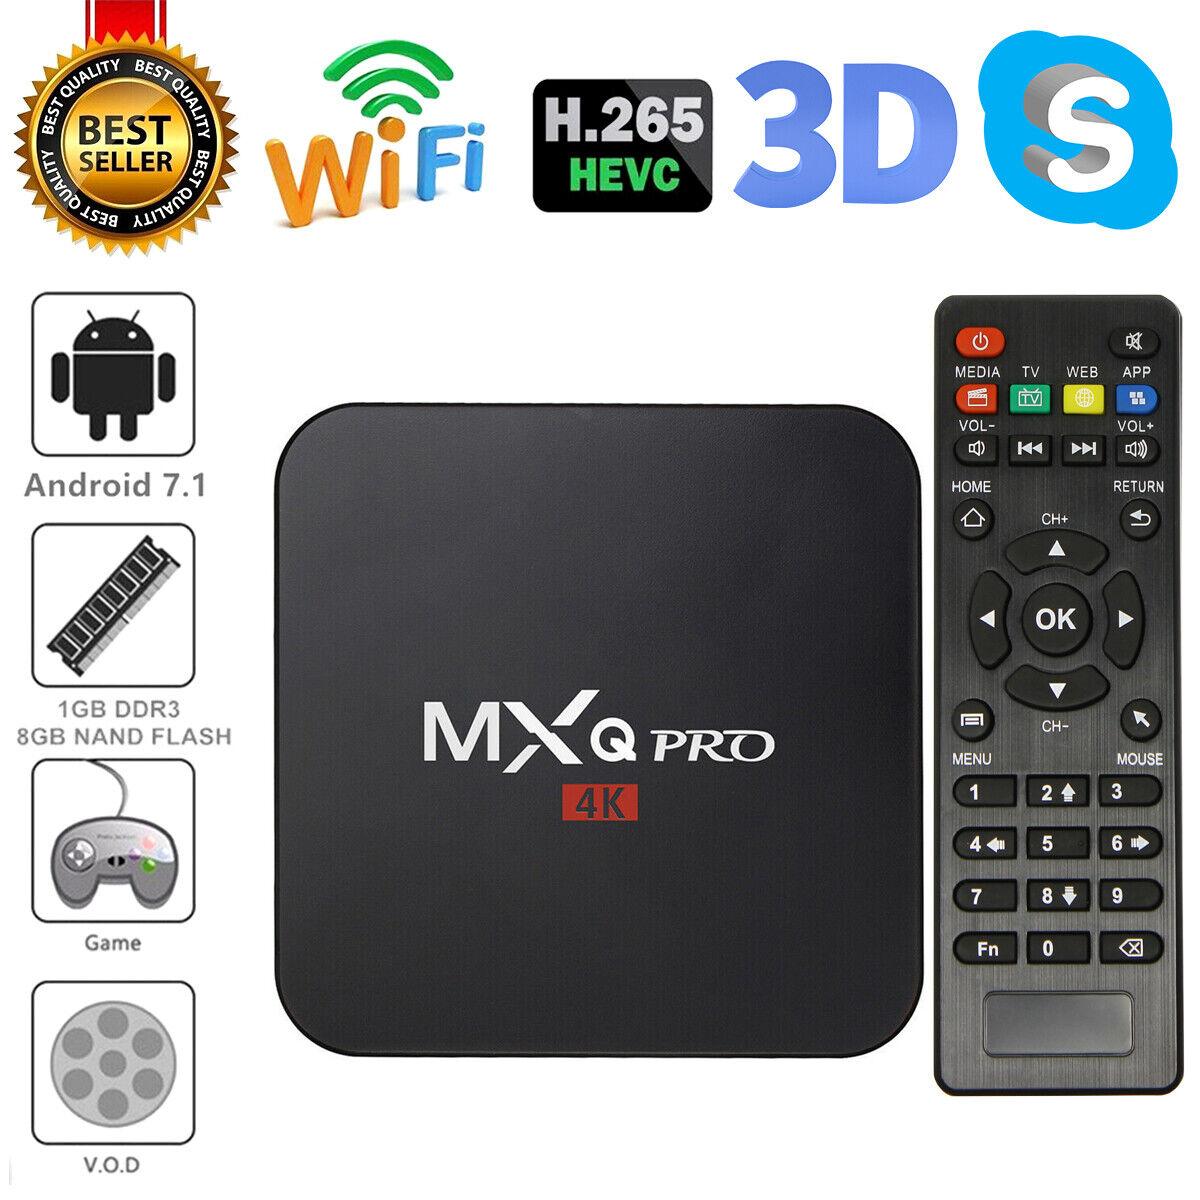 MXQ Pro 4K Ultra HD 64Bit Wifi Android 7.1 Quad Core Smart T